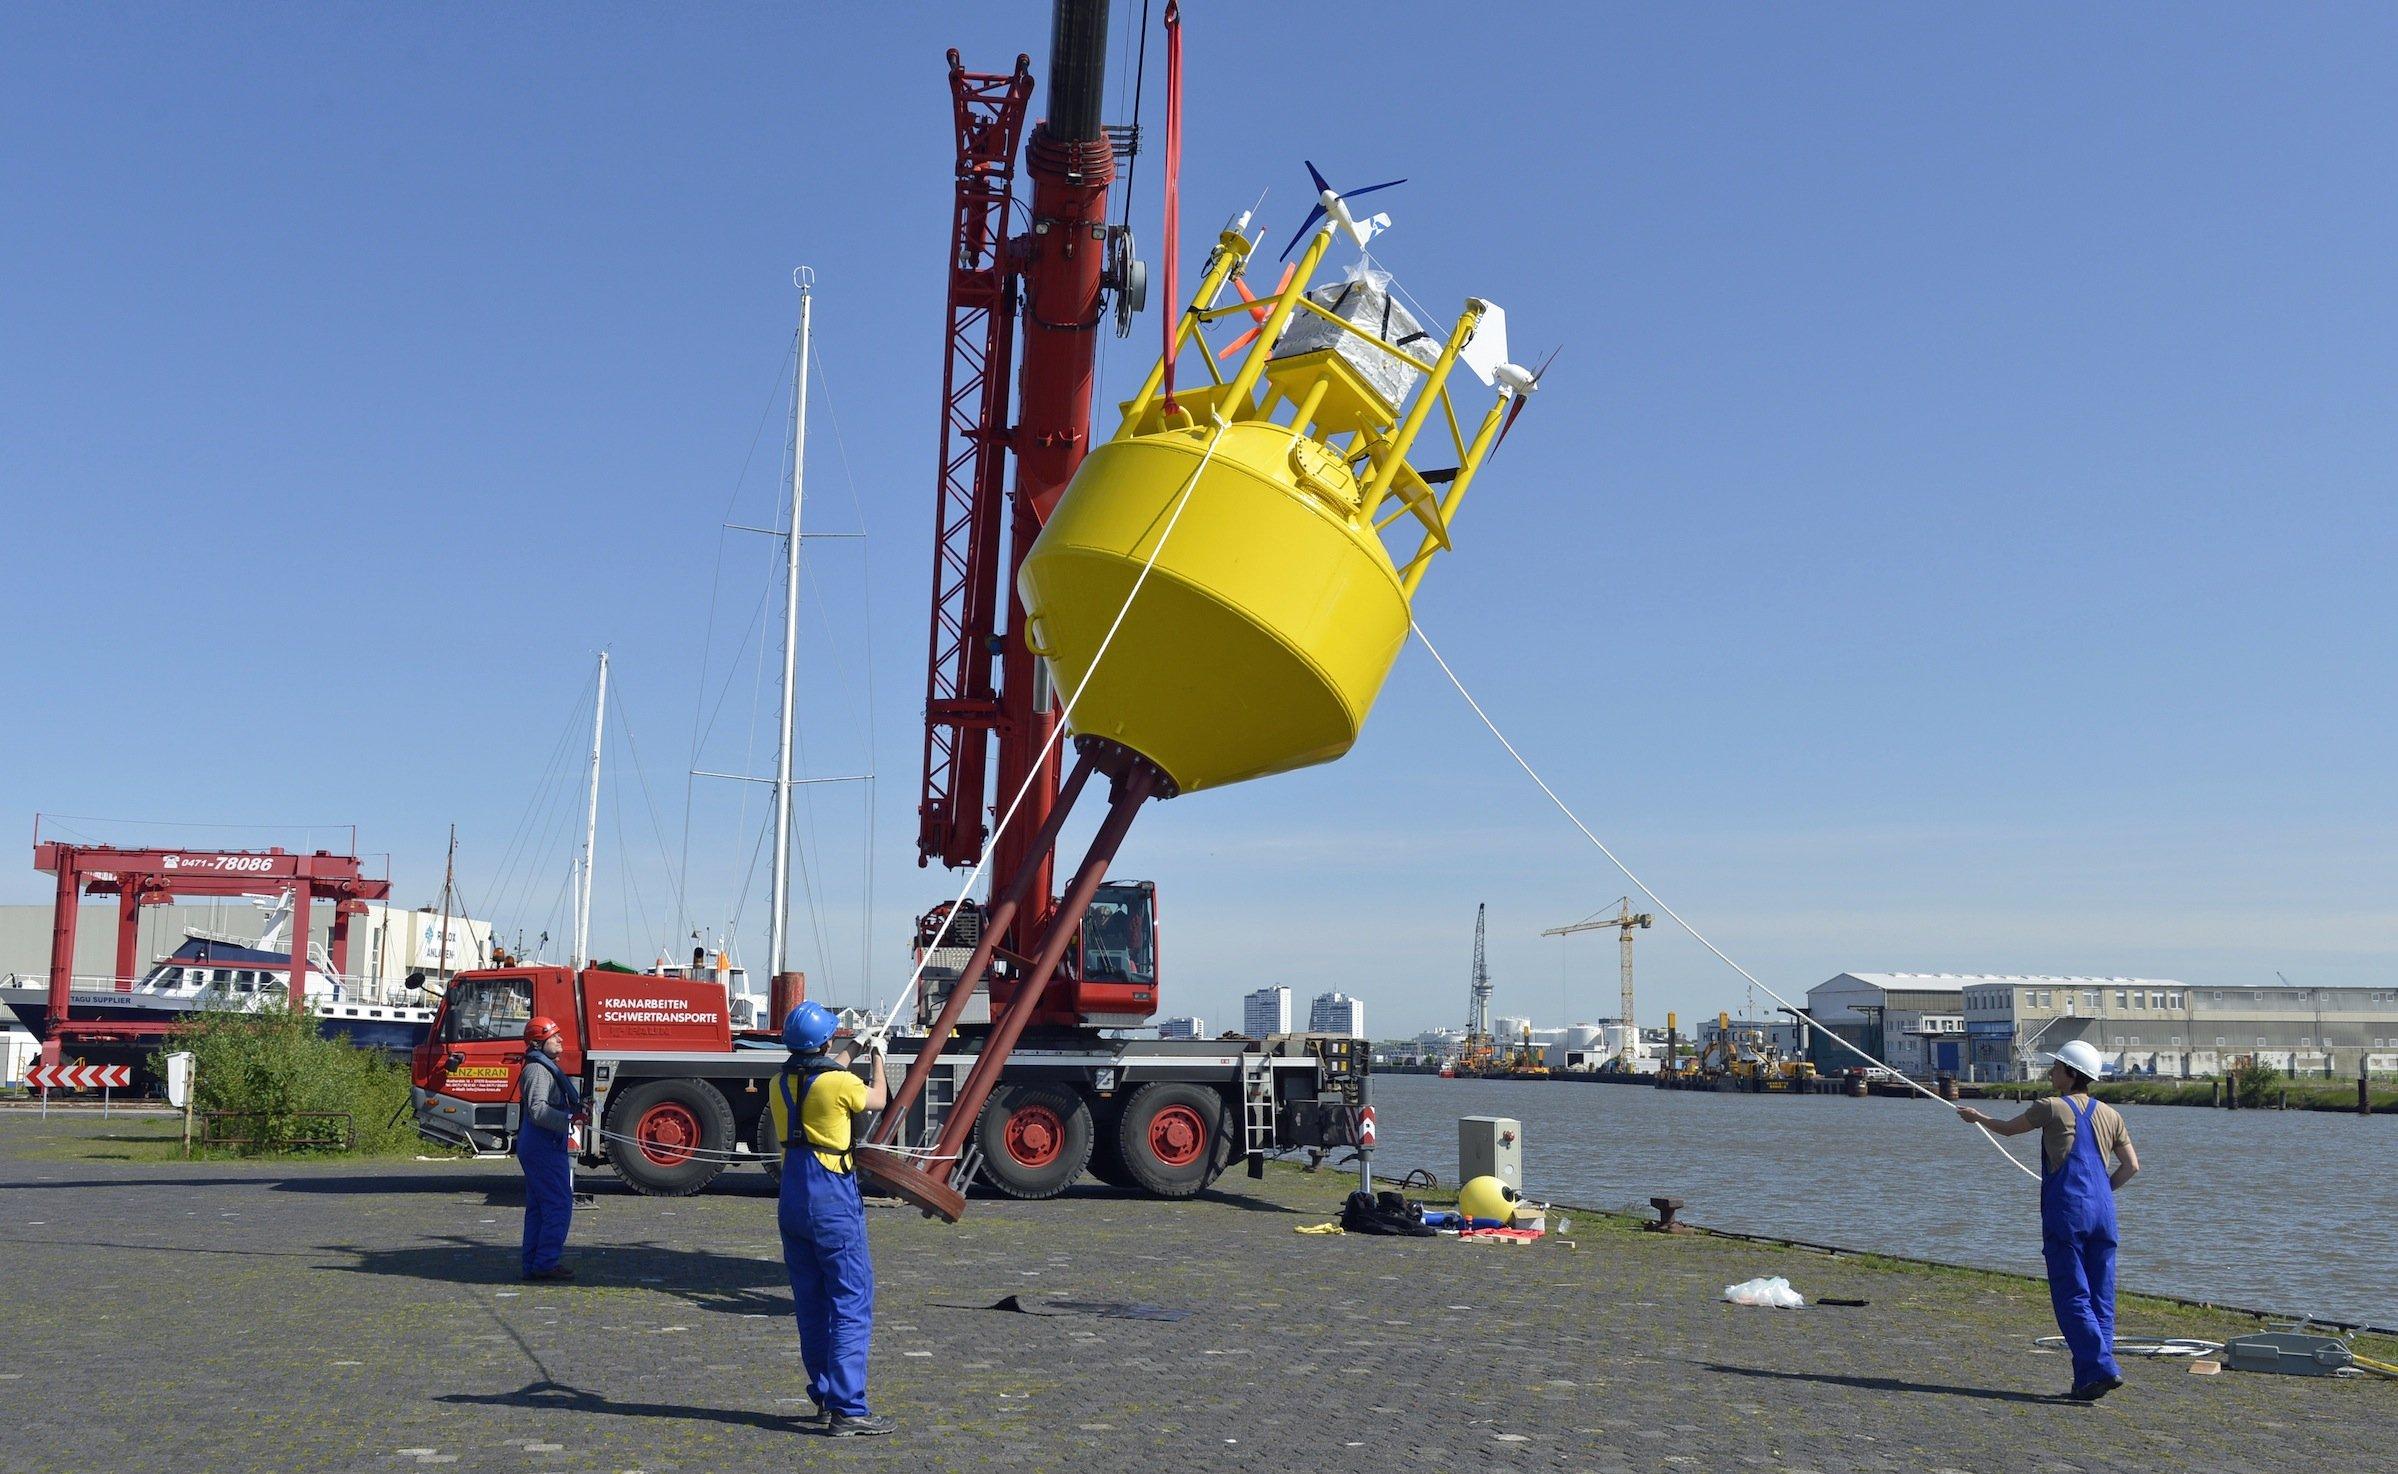 Mitarbeiter des Fraunhofer IWES richten in Bremerhaven die Boje an der Kaikante auf und setzen das Messgerät anschließend sicher ins Hafenbecken. Von Bremerhaven aus startete die Boje ihre Reise in Richtung des ersten deutschen Offshore-Windparks Alpha Ventus in der Nordsee.